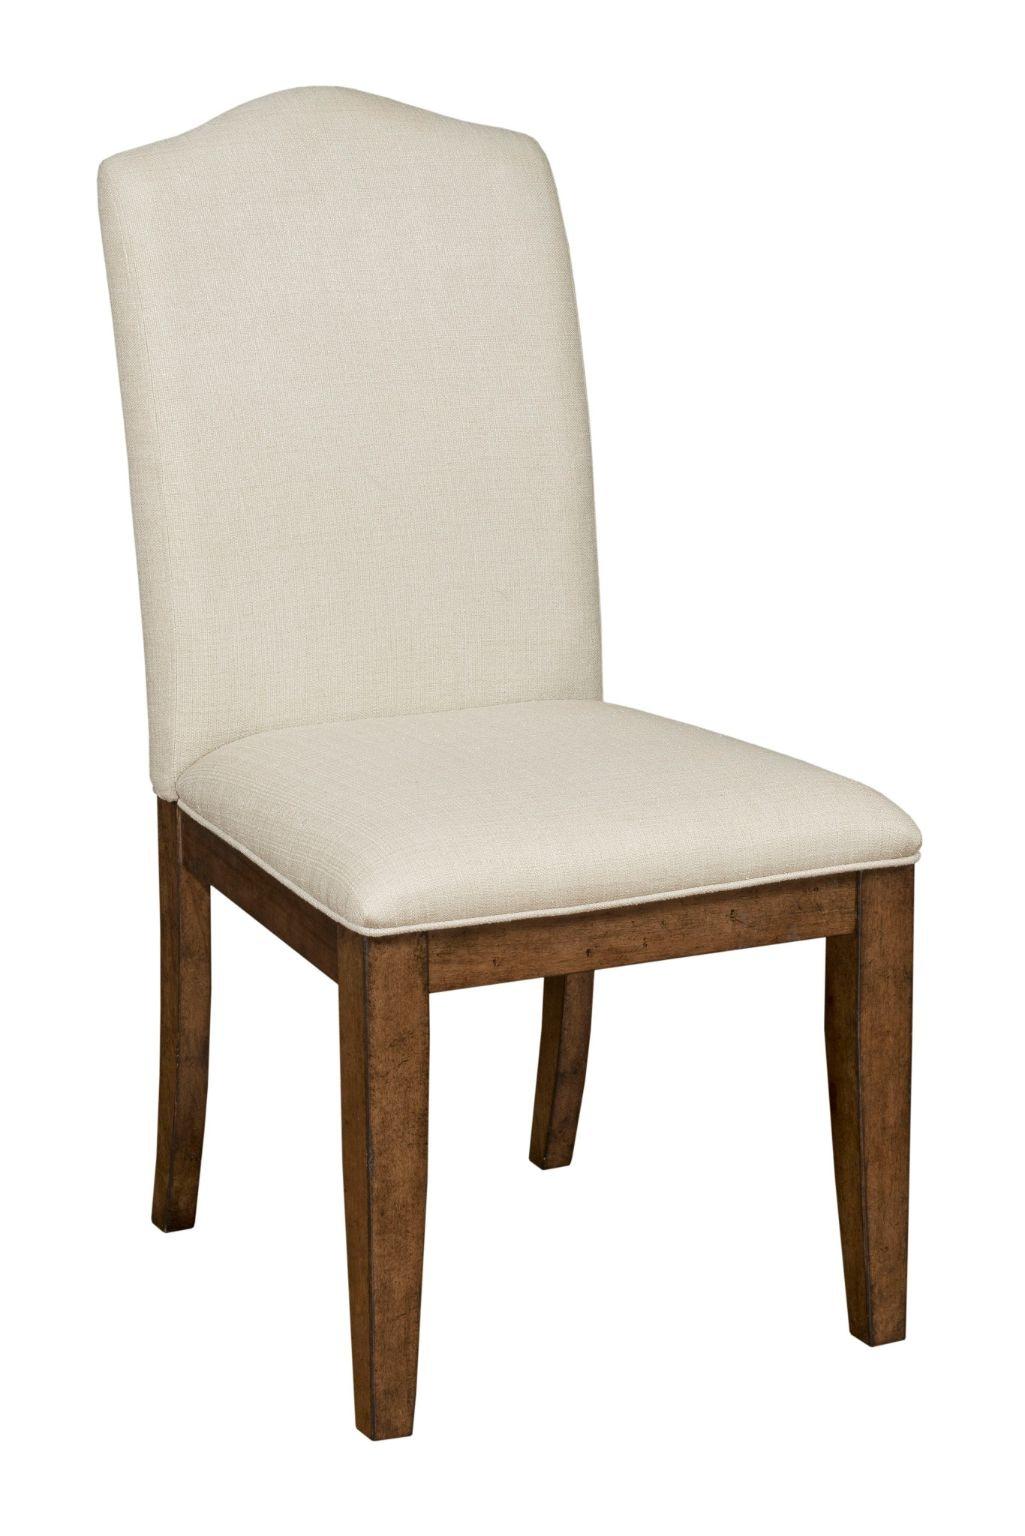 Kincaid Furniture Parsons Side Chair 664 641